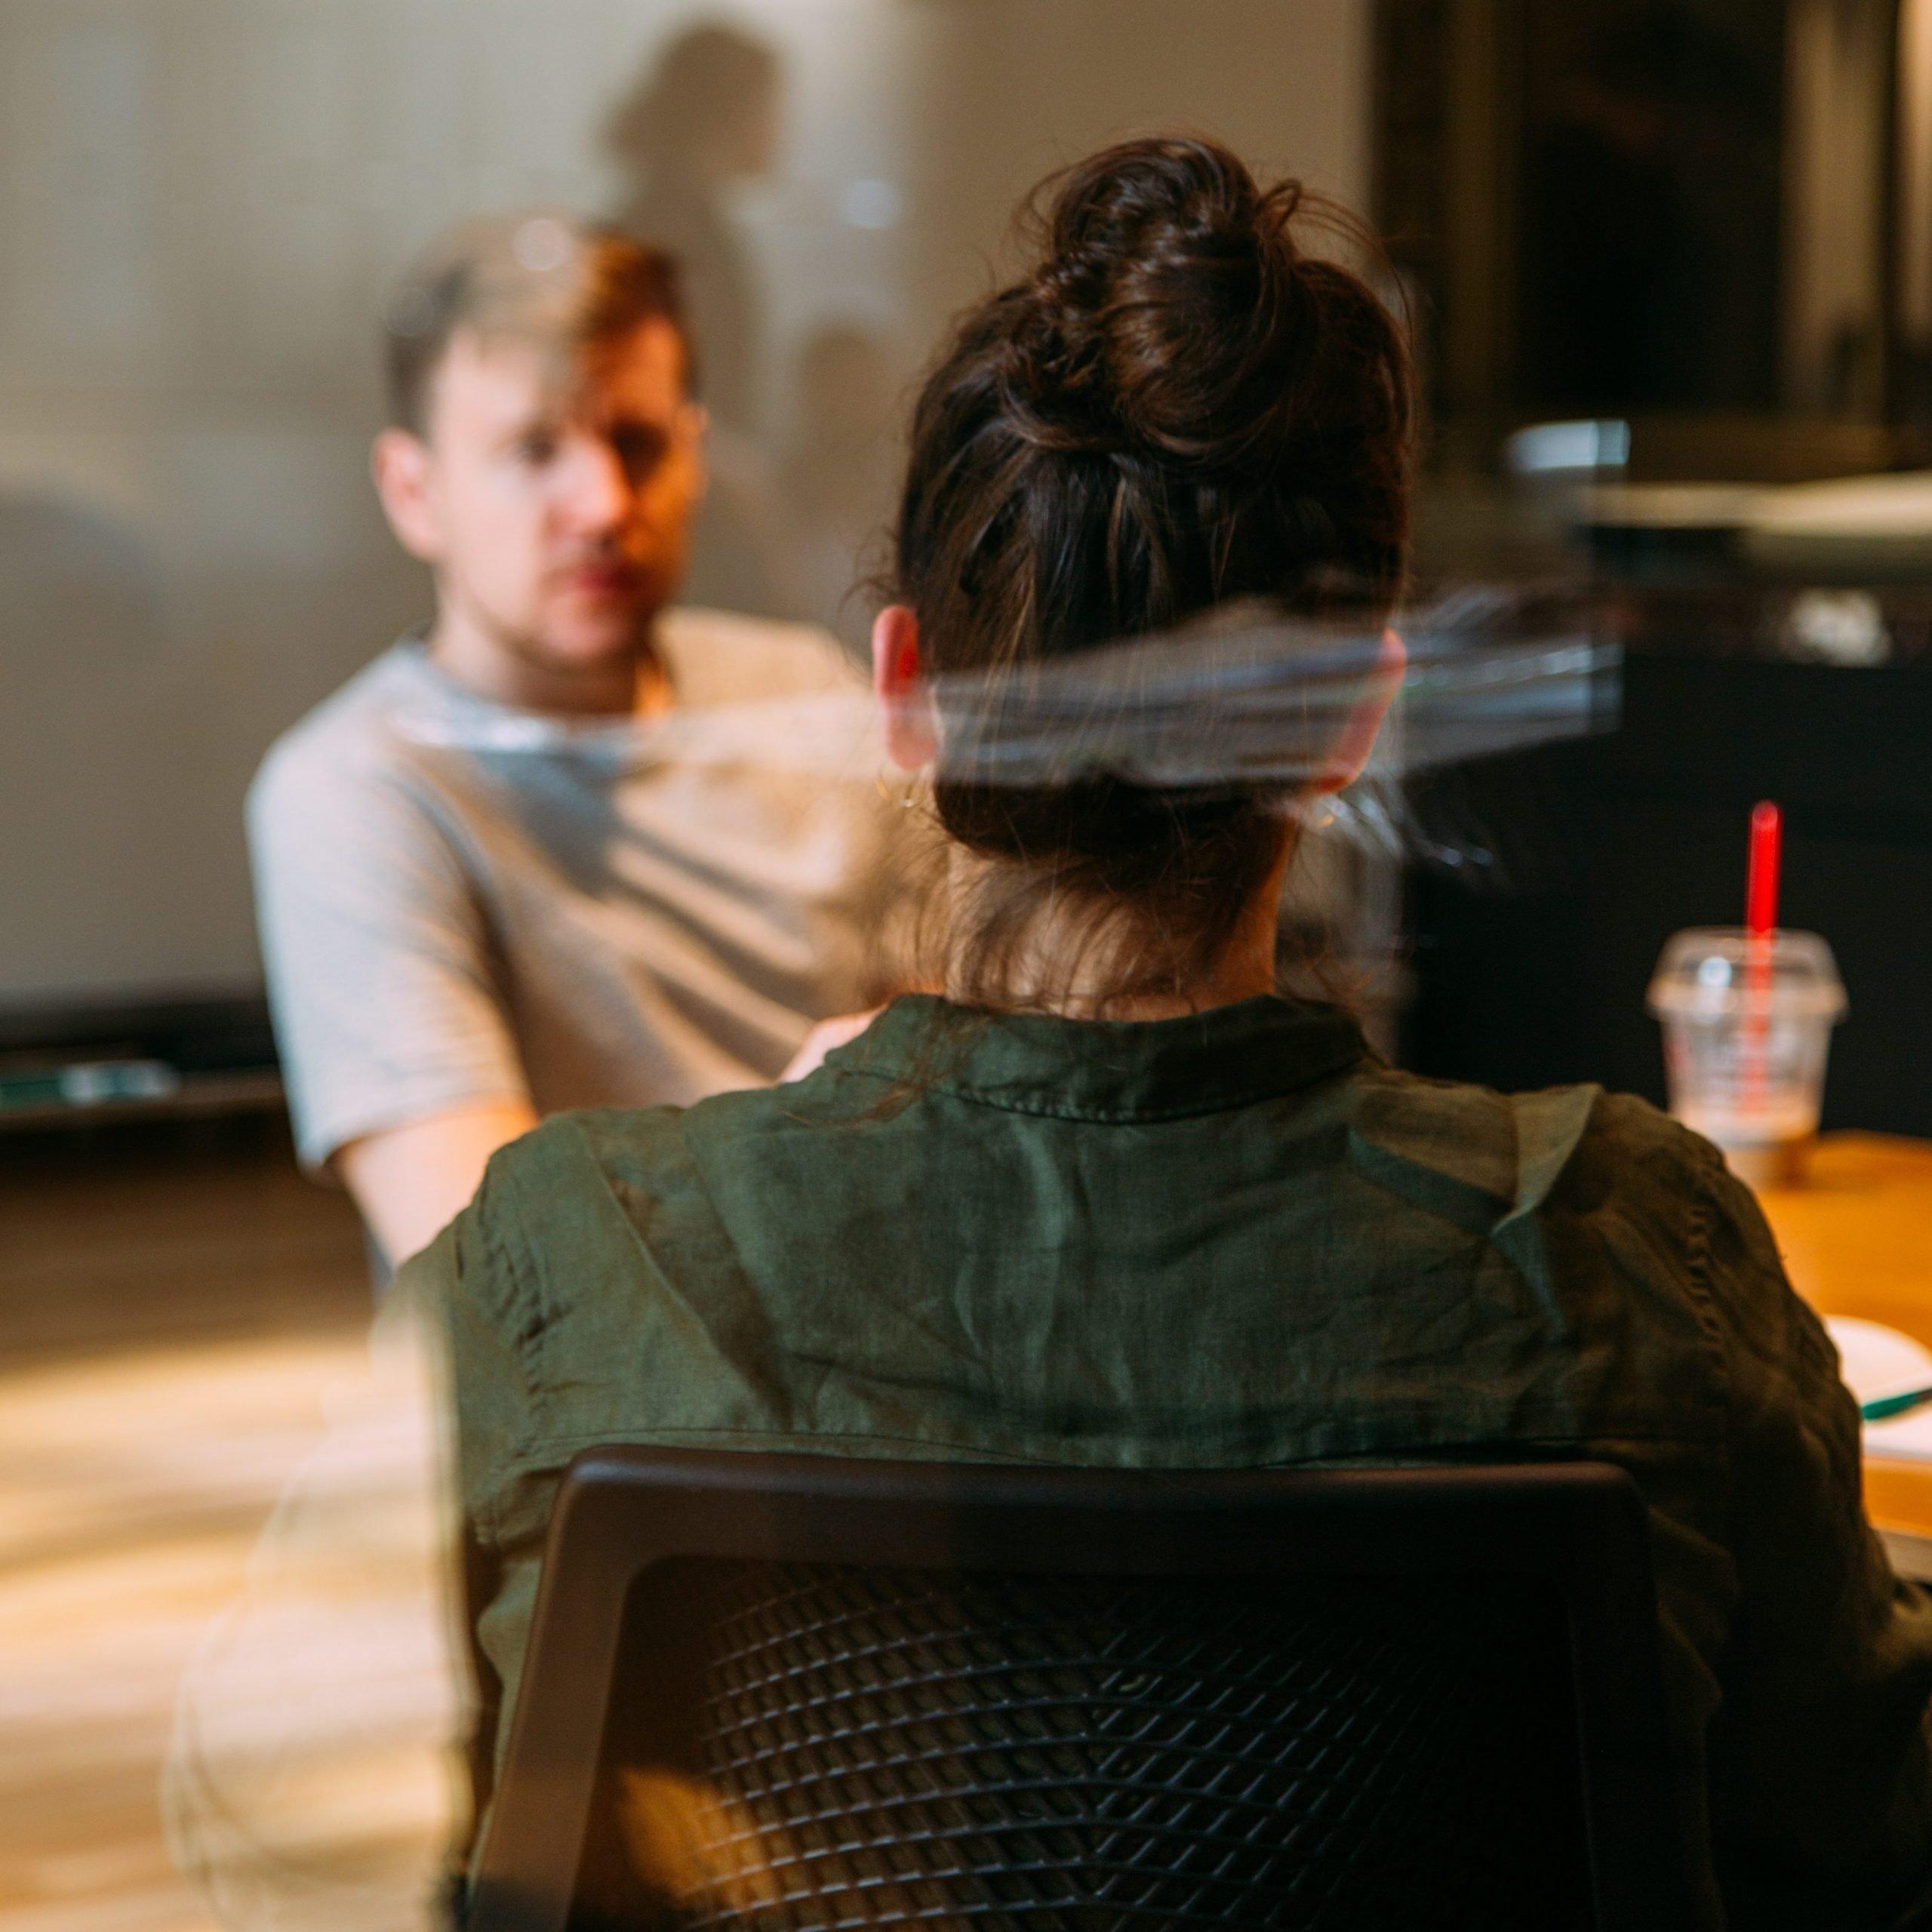 Consultar a líderes con experiencia para liderar equipos en remoto